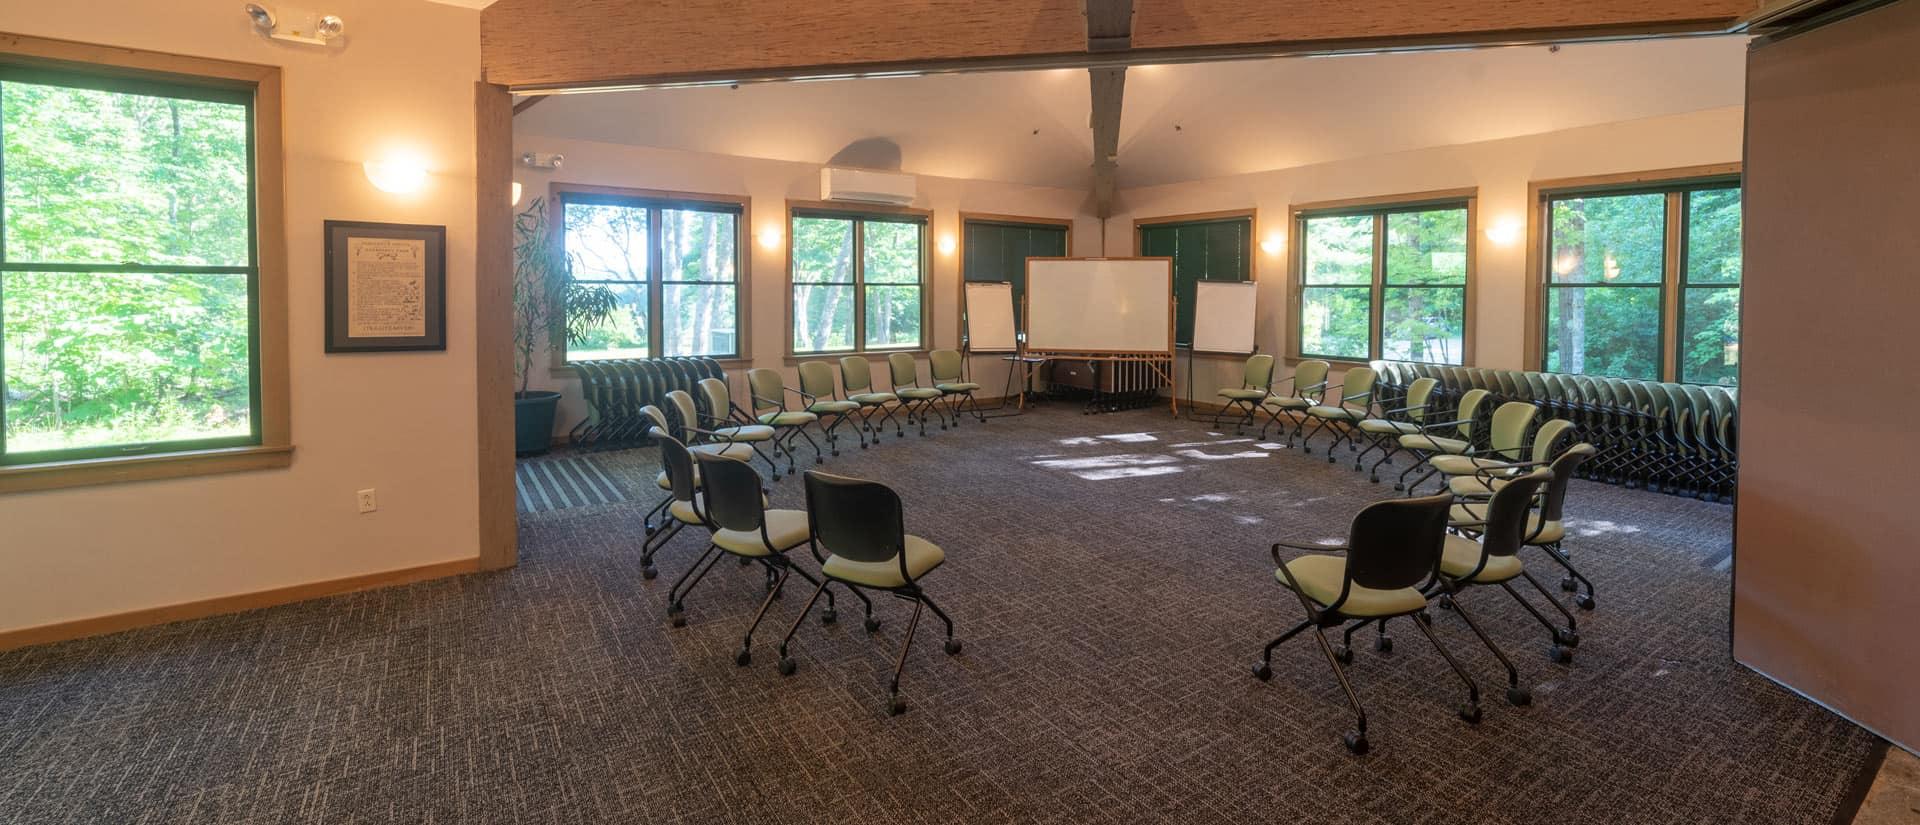 browne-center-interior